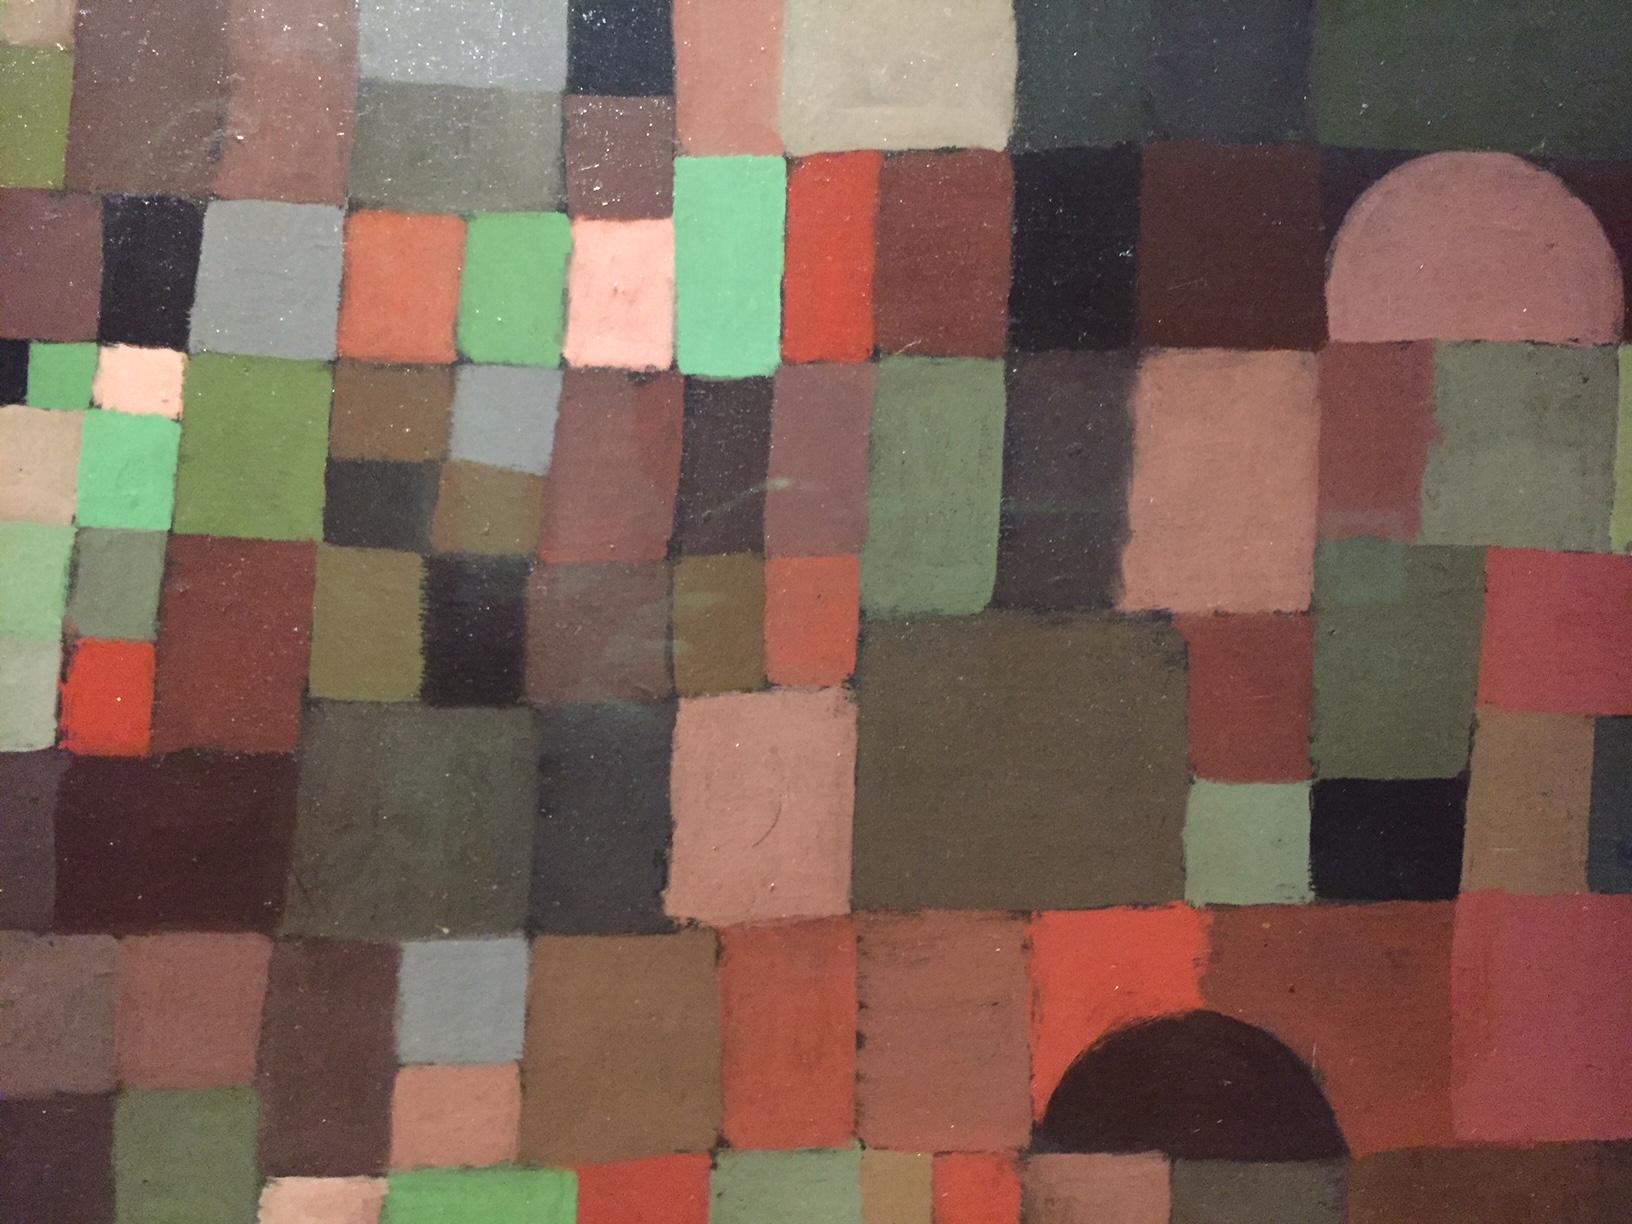 Paul Klee a Milano. Immagini in anteprima dalla grande mostra al Mudec